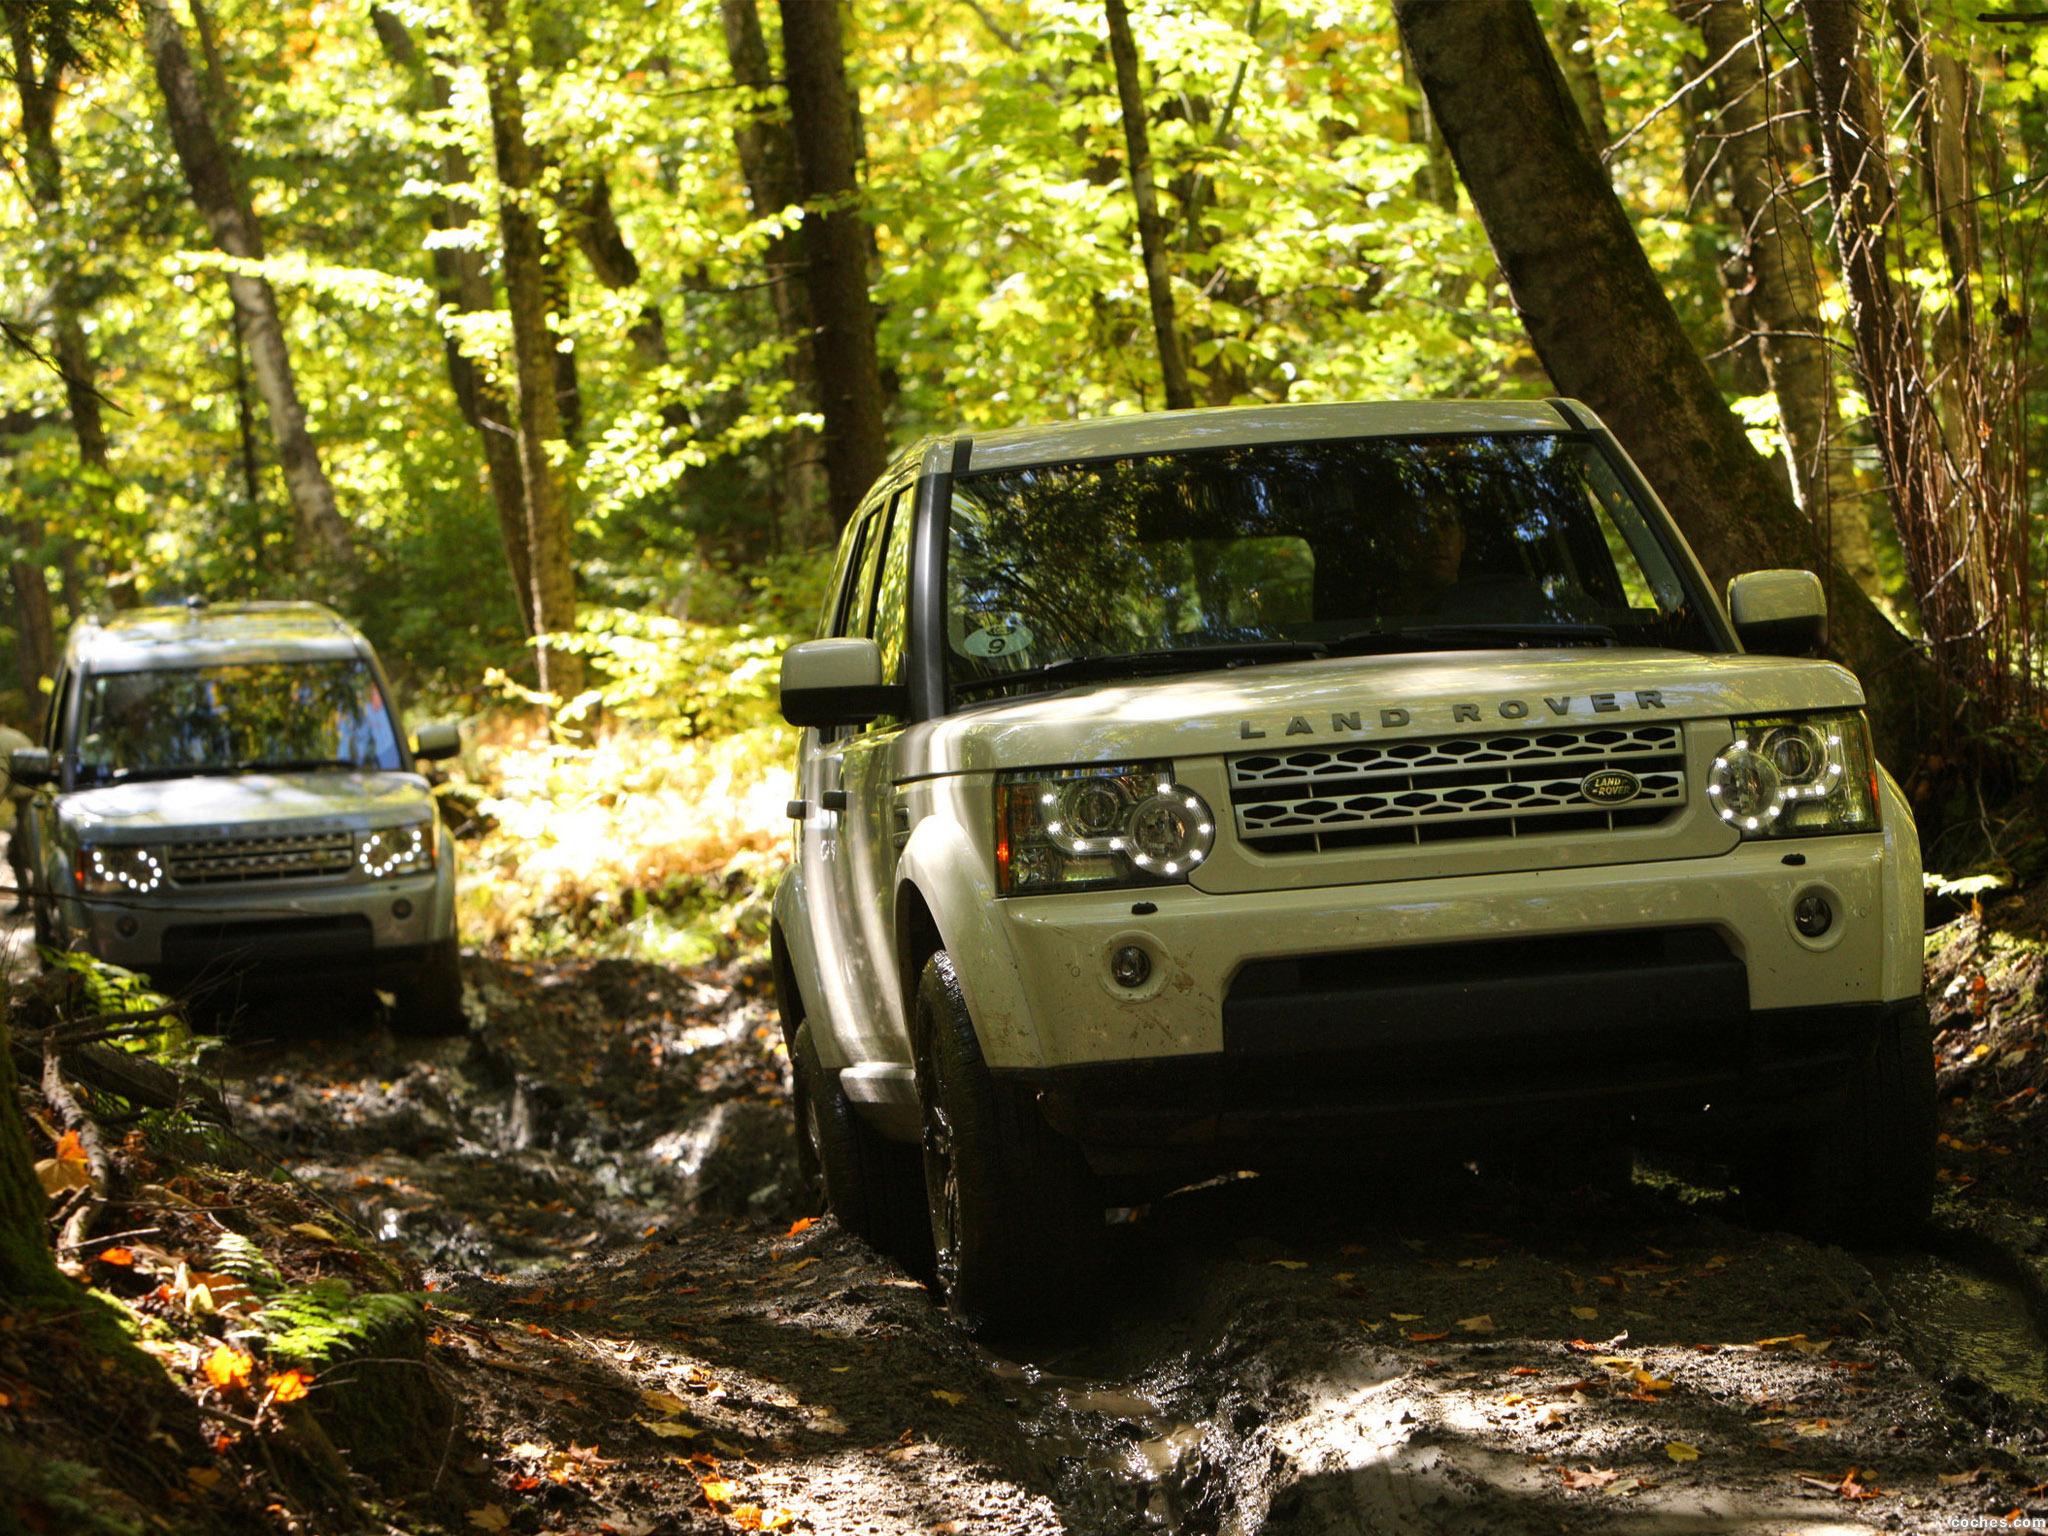 Foto 19 de Land Rover Discovery LR4 2009